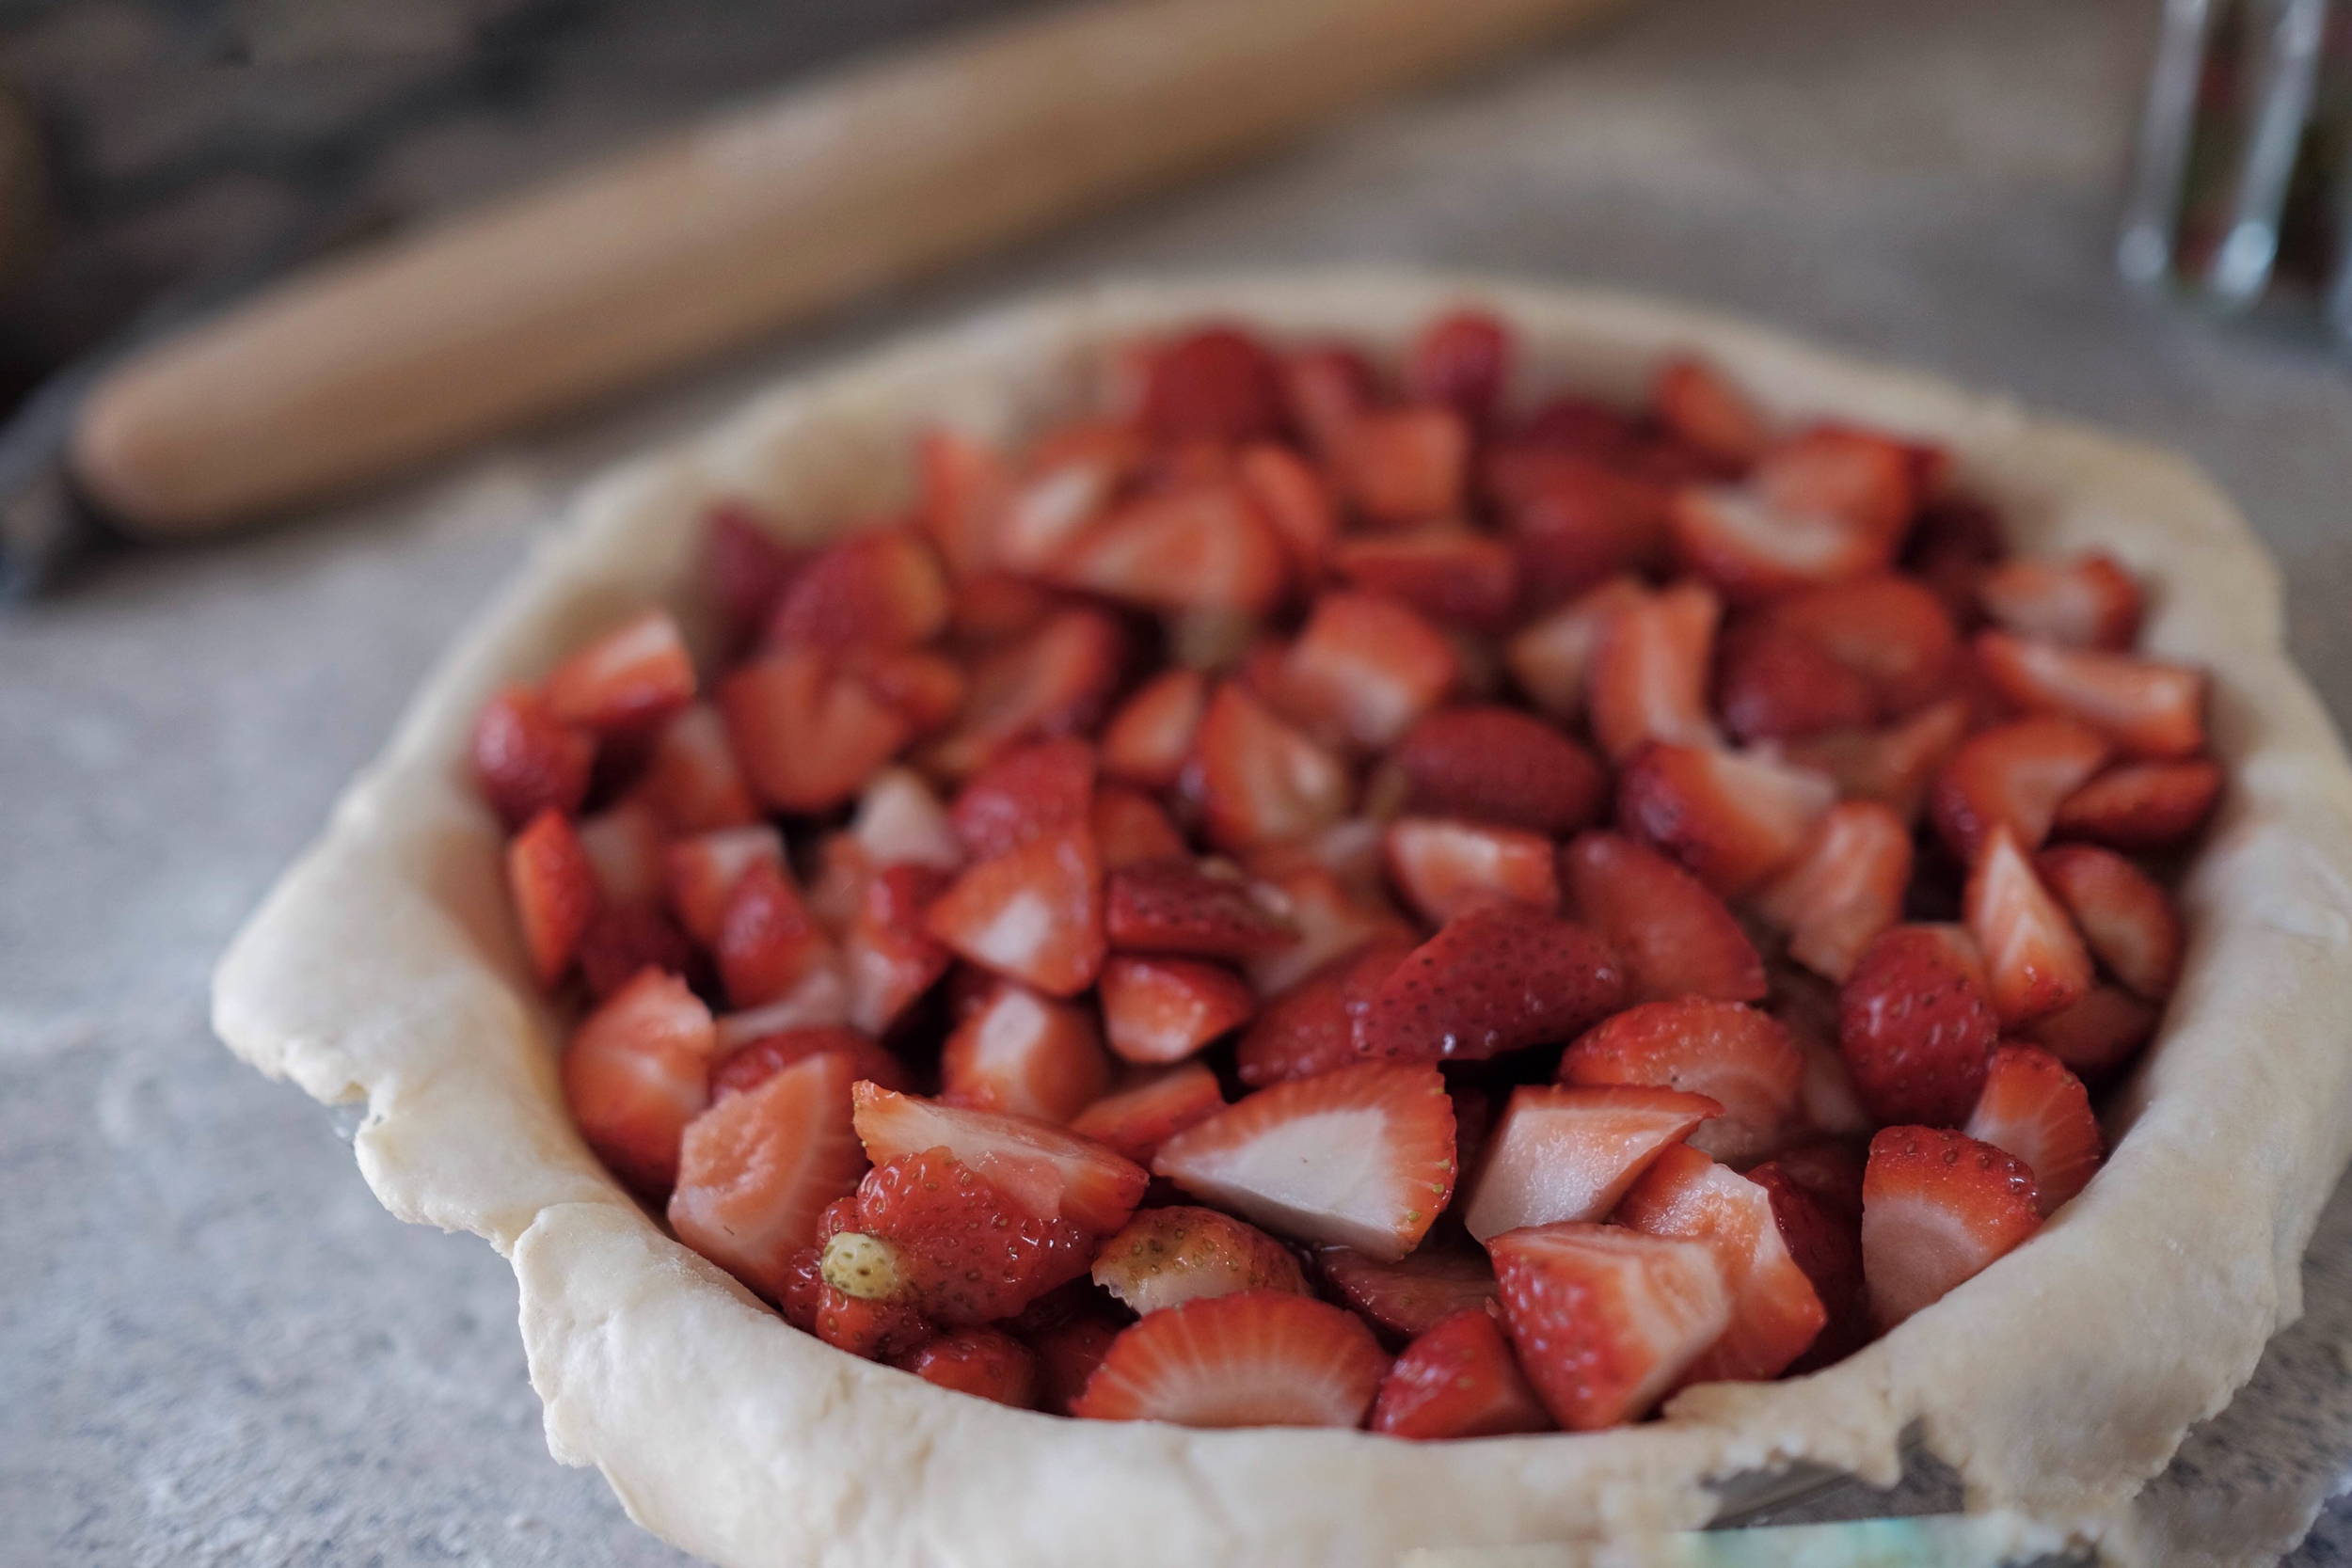 Rhubarb_6.jpg